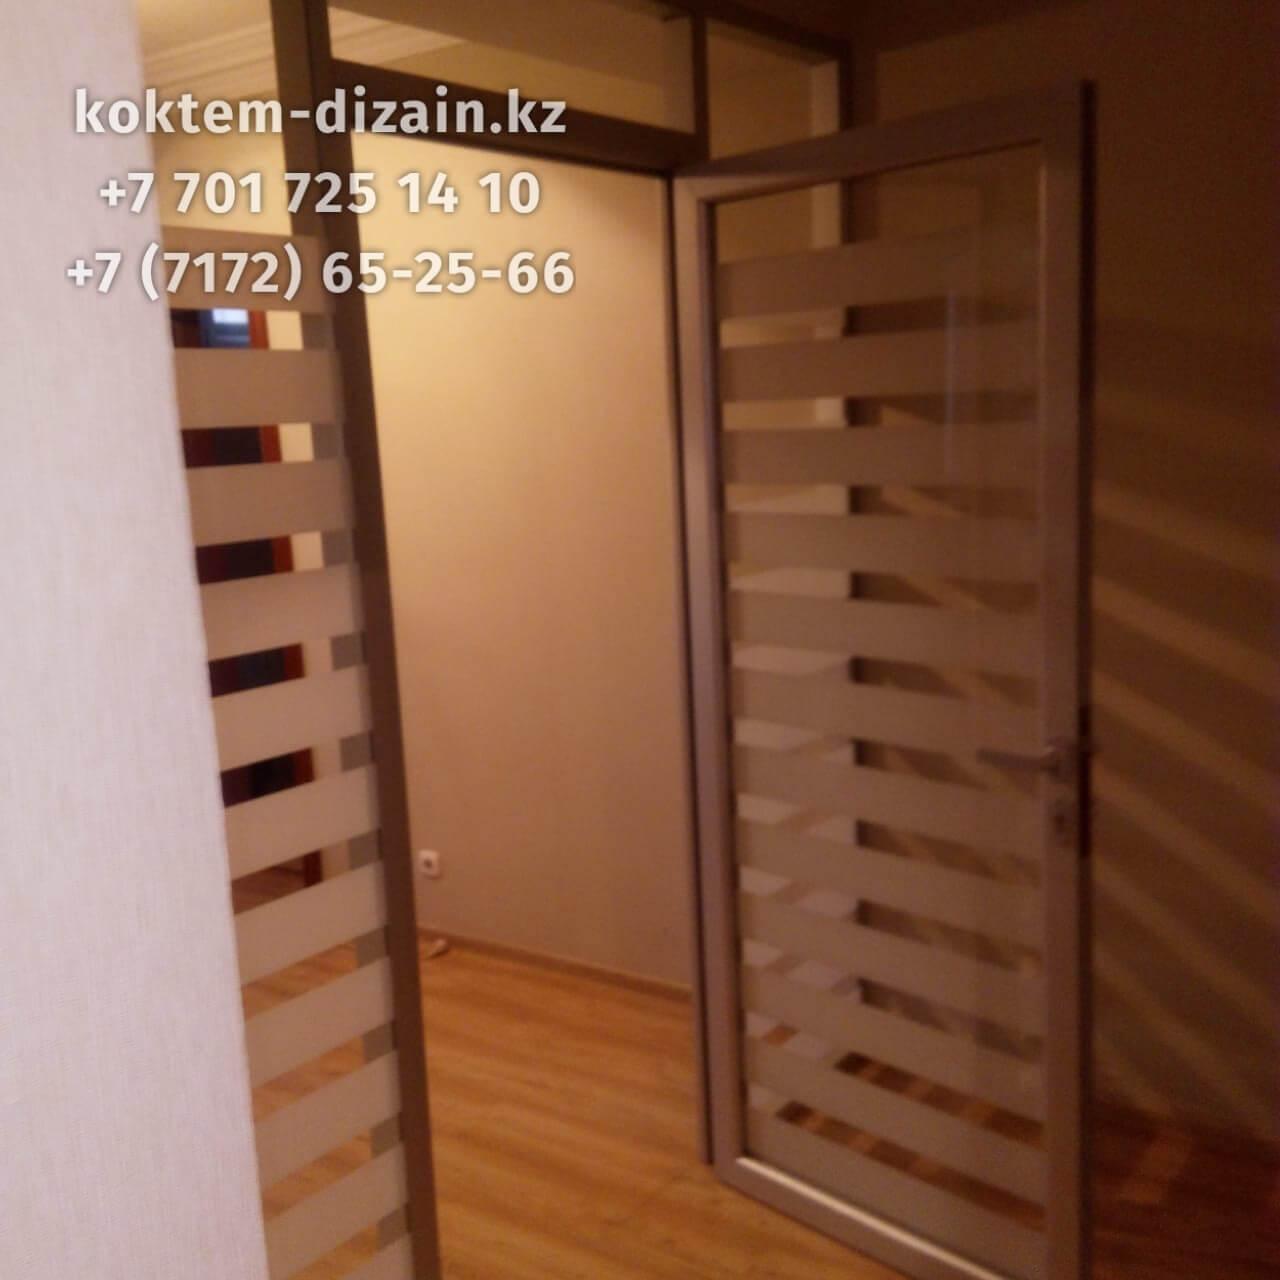 Стеклянные двери - фото с сайта Коктем Дизайн